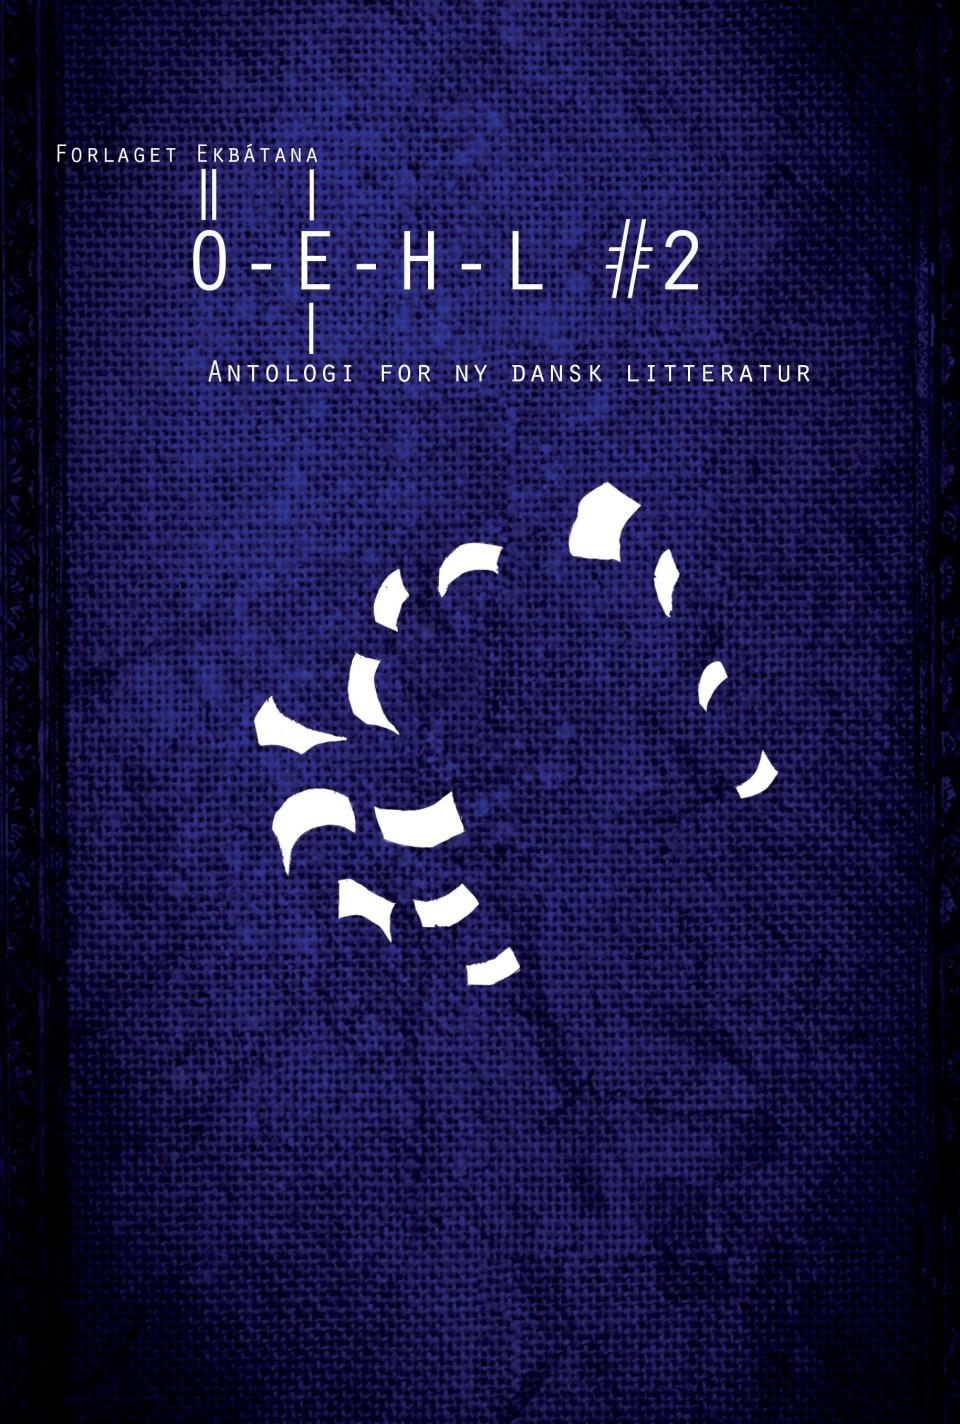 Oehl, Oehl #2, den poet har pels, antologi, ny dansk litteratur, iben mondrup, jørgen leth, mette moestrup, niels lyngsø, peter dyreborg, pia tafdrup, viggo bjerring, christel wiinblad, cecilie lolk hjort